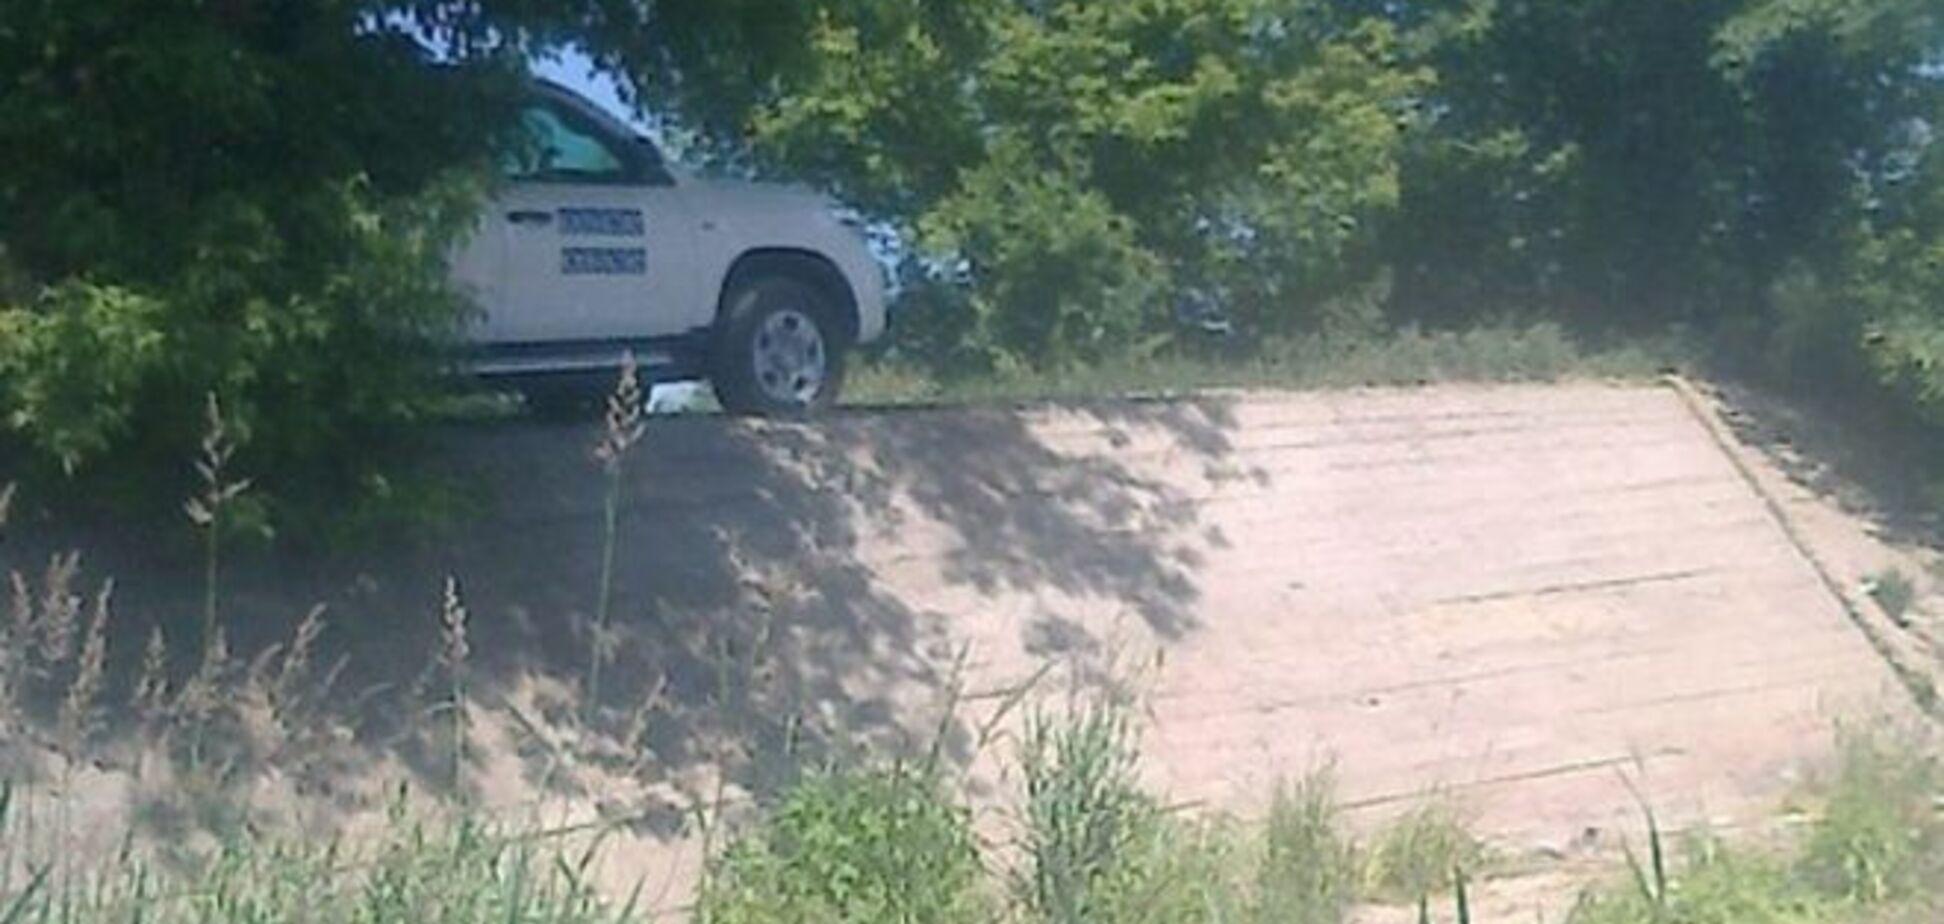 Уединились. В Луганске засекли машину ОБСЕ на пляже: фотофакт